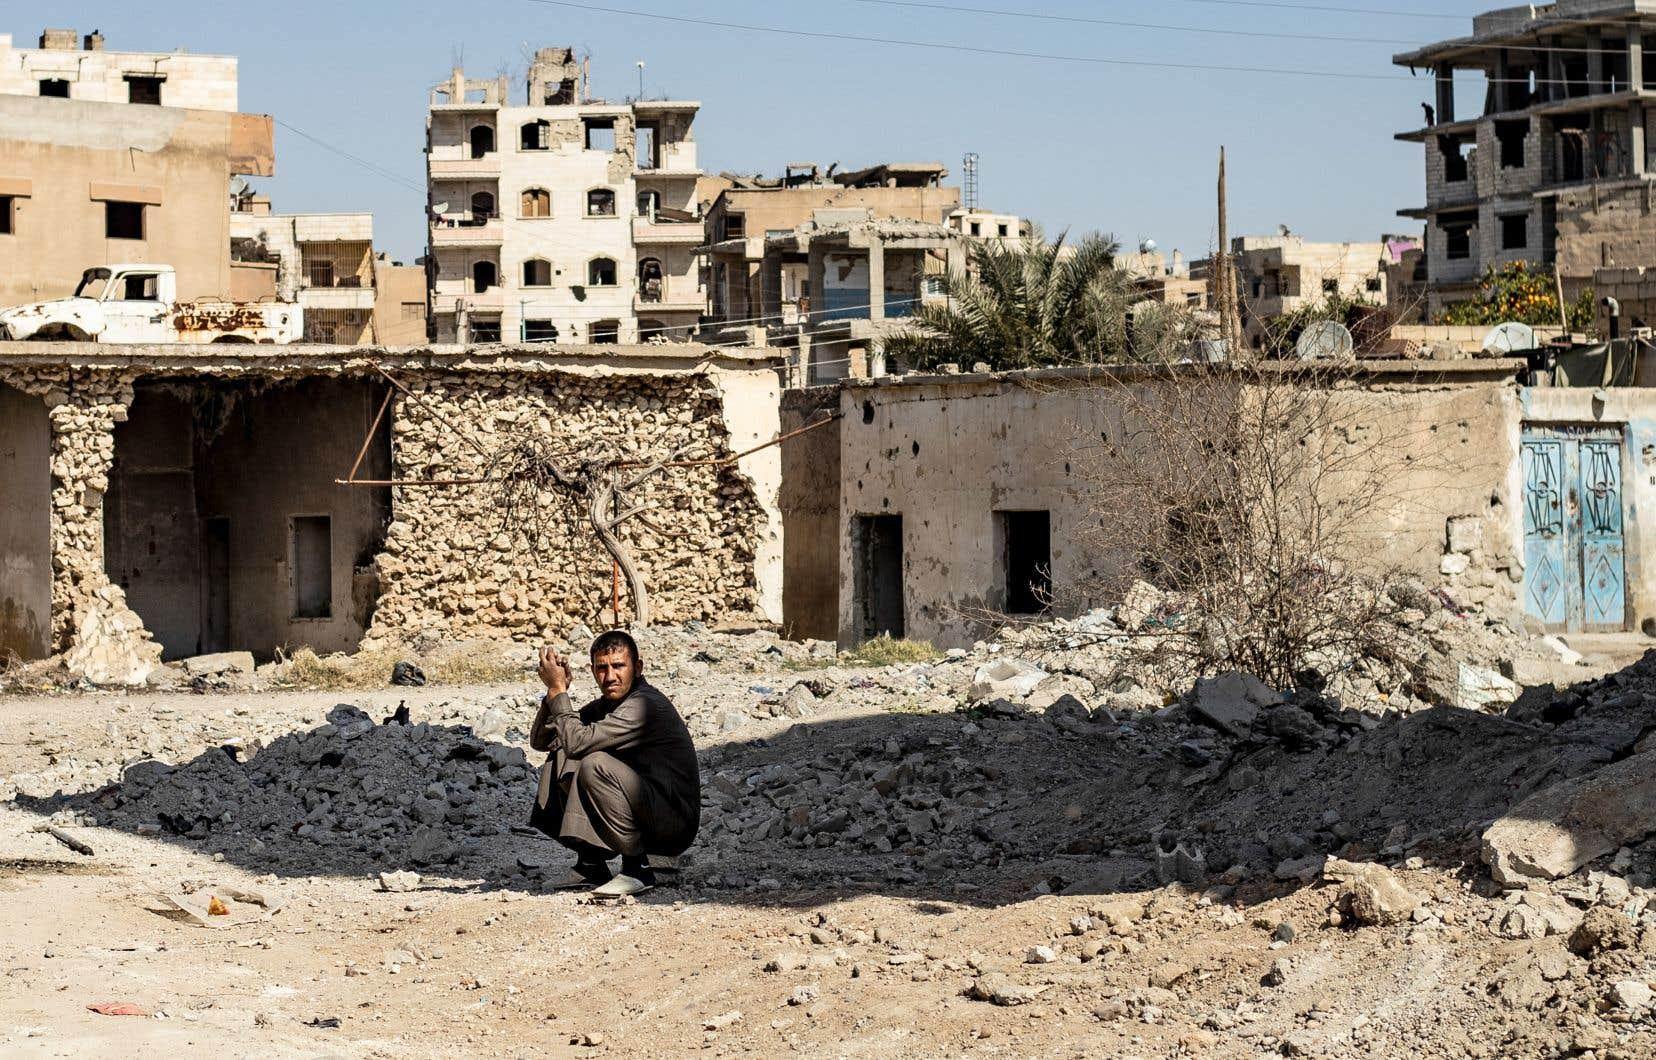 La ville syrienne de Raqqa a été ravagée par la guerre. Contrôlée par des groupes rebelles en 2013, elle est passée la même année entre les mains du groupe armé État Islmaique. Les Forces démocratiques syriennes, appuyées par une coalition internationale, l'ont finalement reprise en 2017, au terme de combats sanglants. La ville a été détruite à 80%.